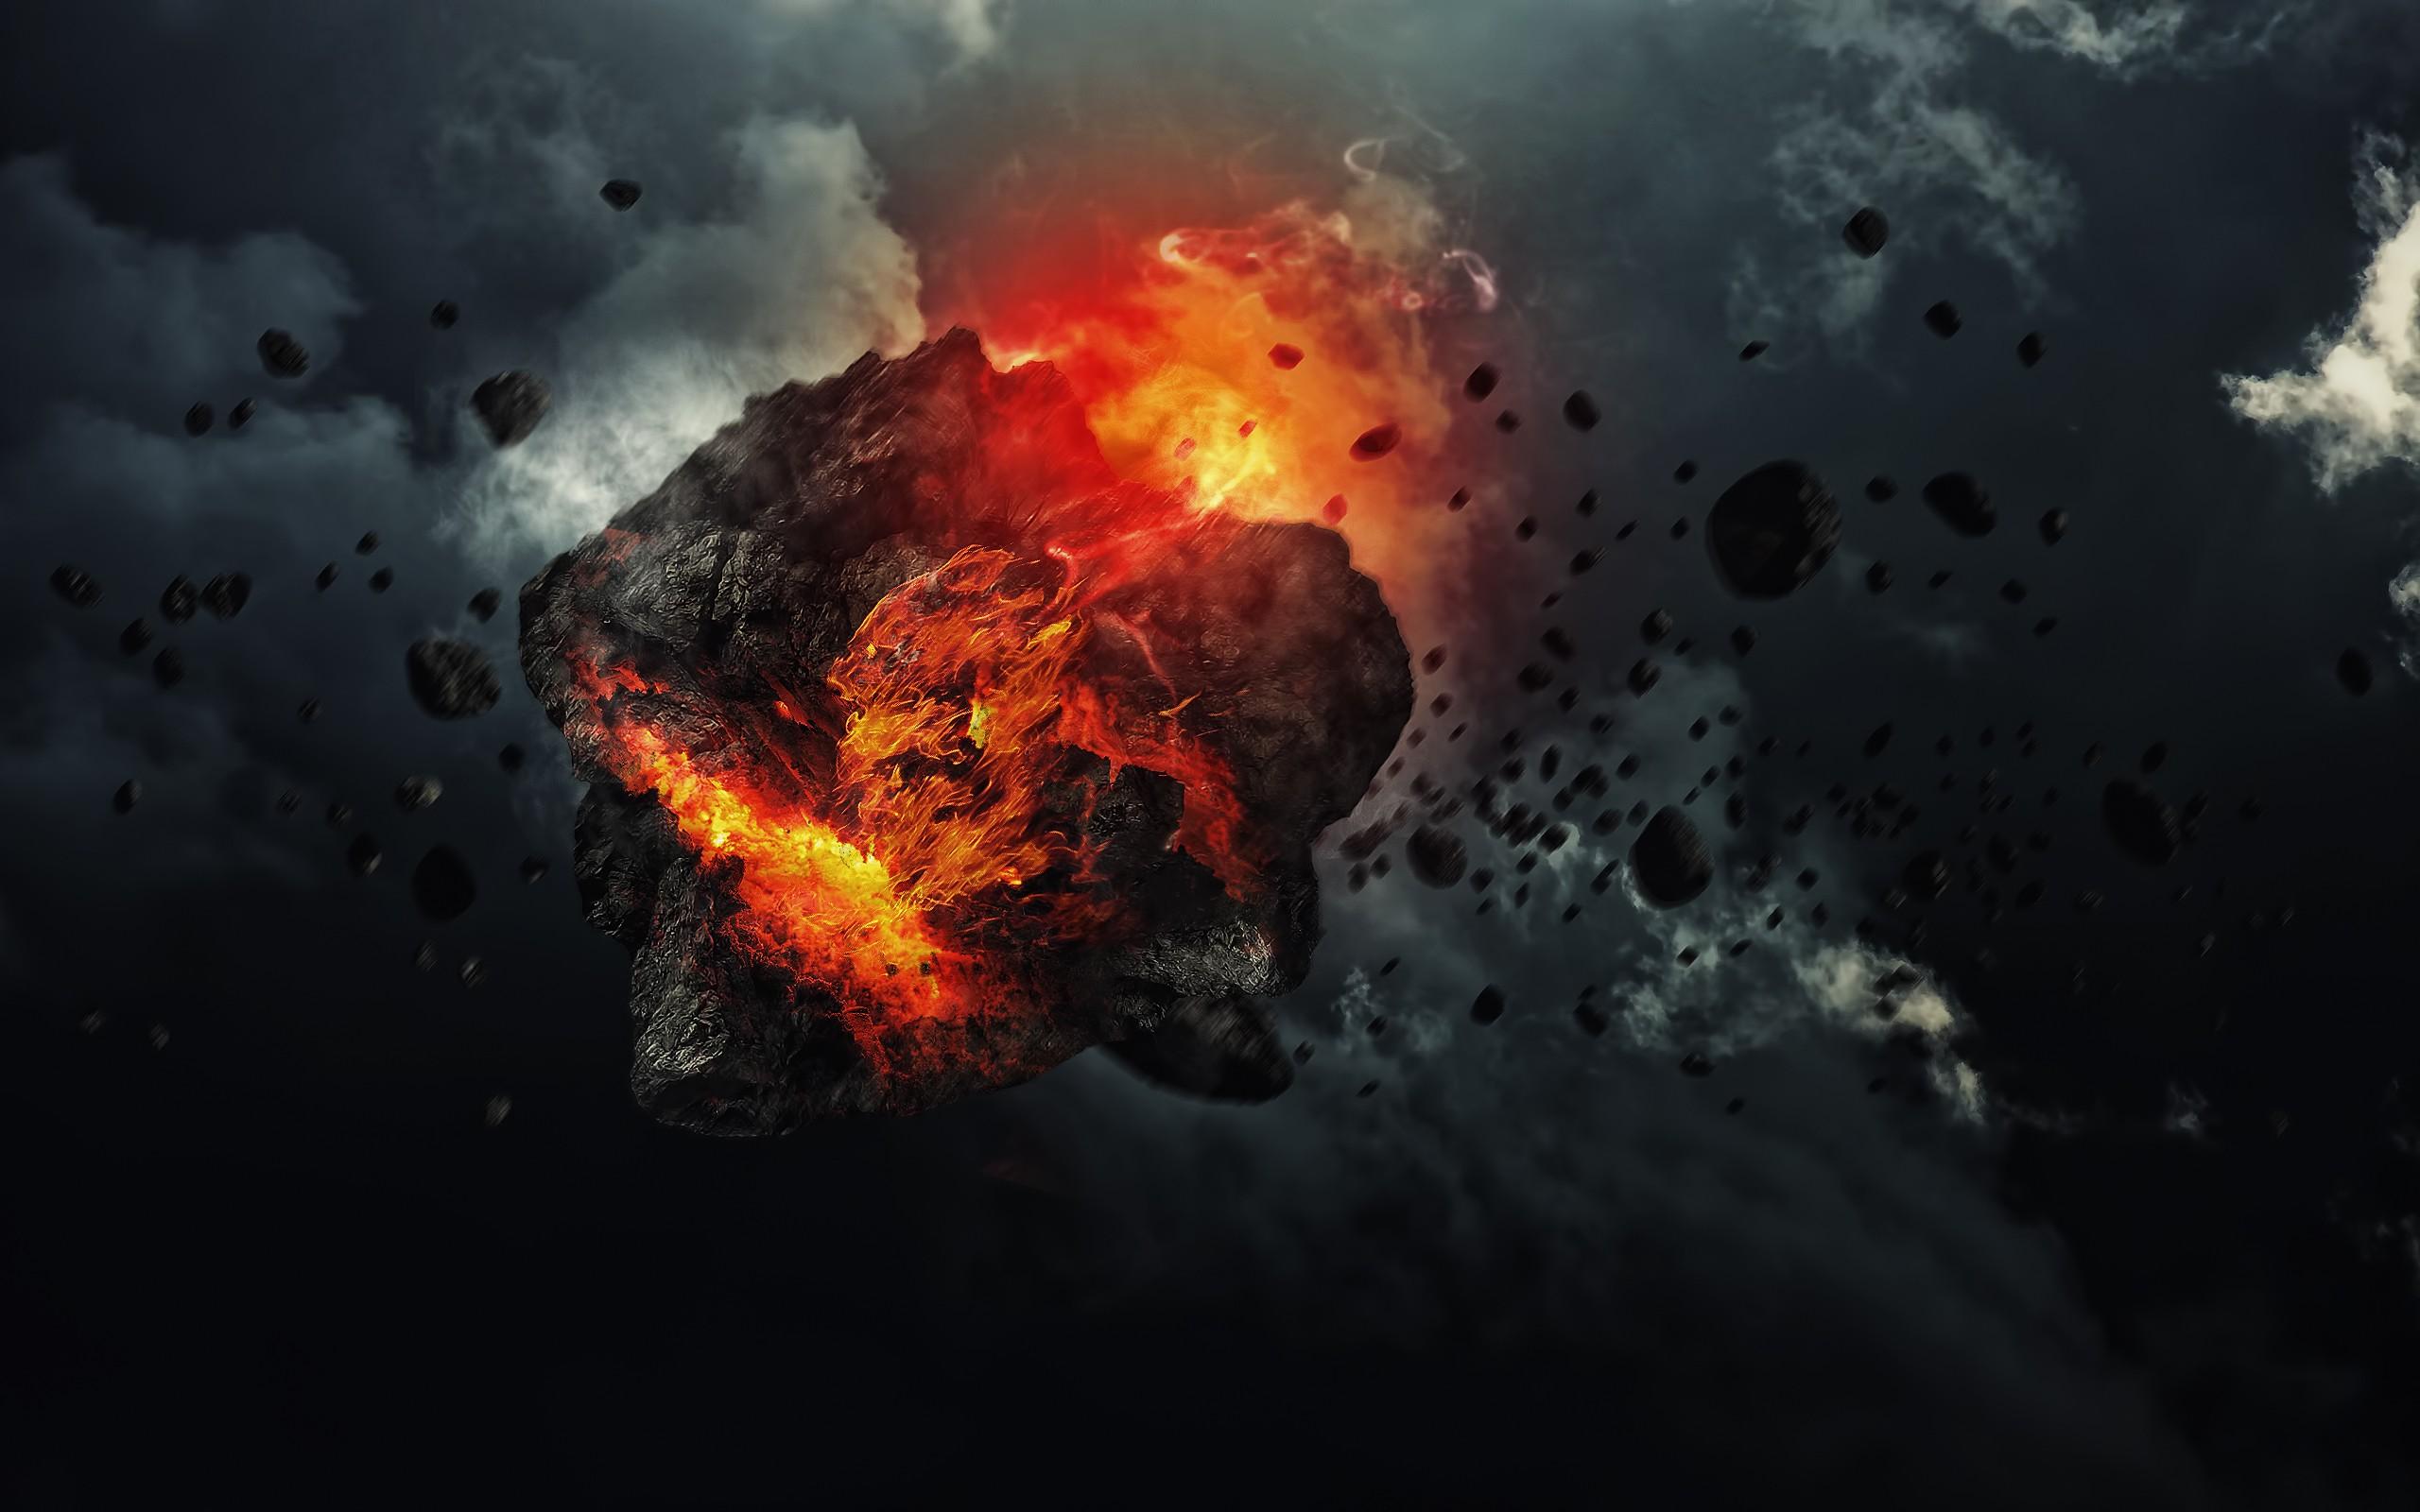 Fondos De Pantalla De Lava: Fondos De Pantalla : Arte Digital, Atmósfera, Explosión